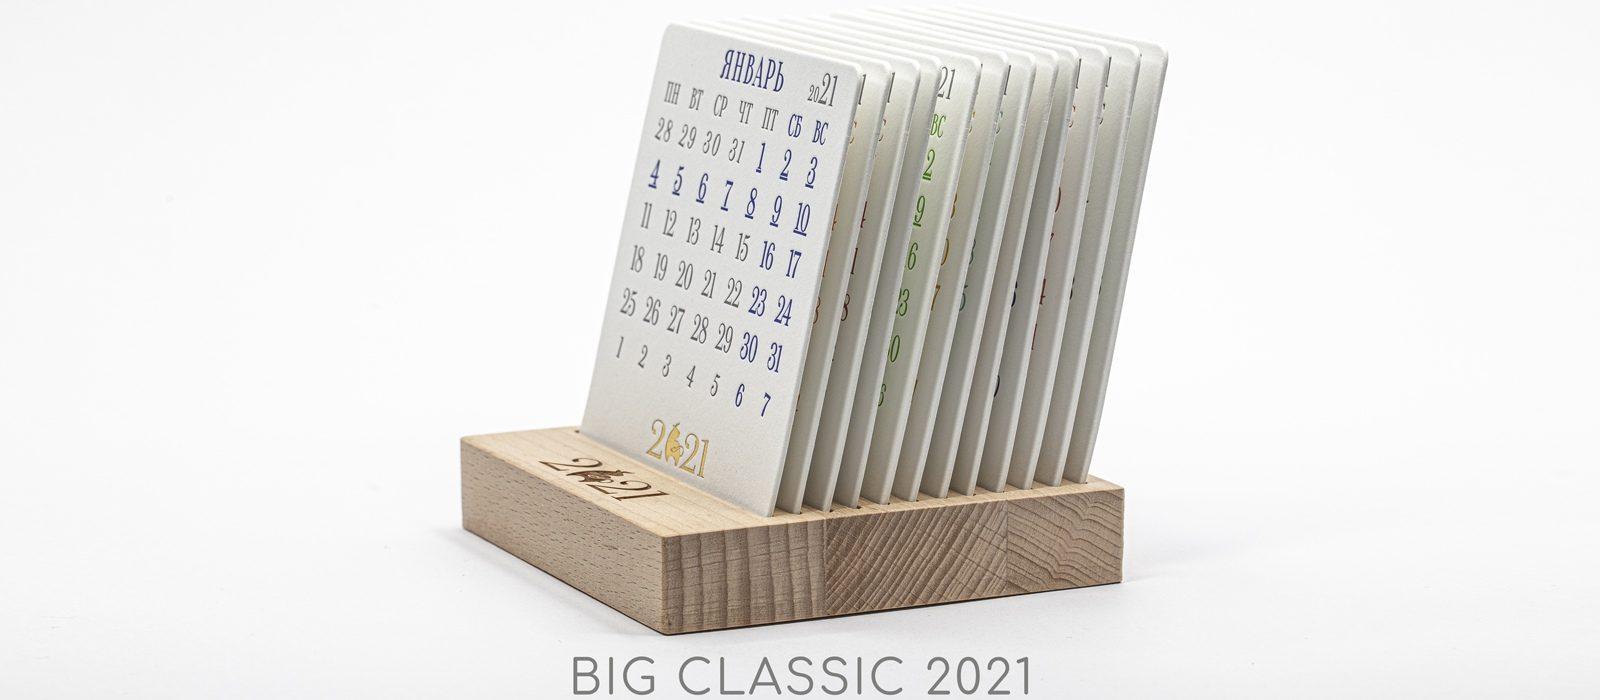 Календари на подставке BIG CLASSIC 2021